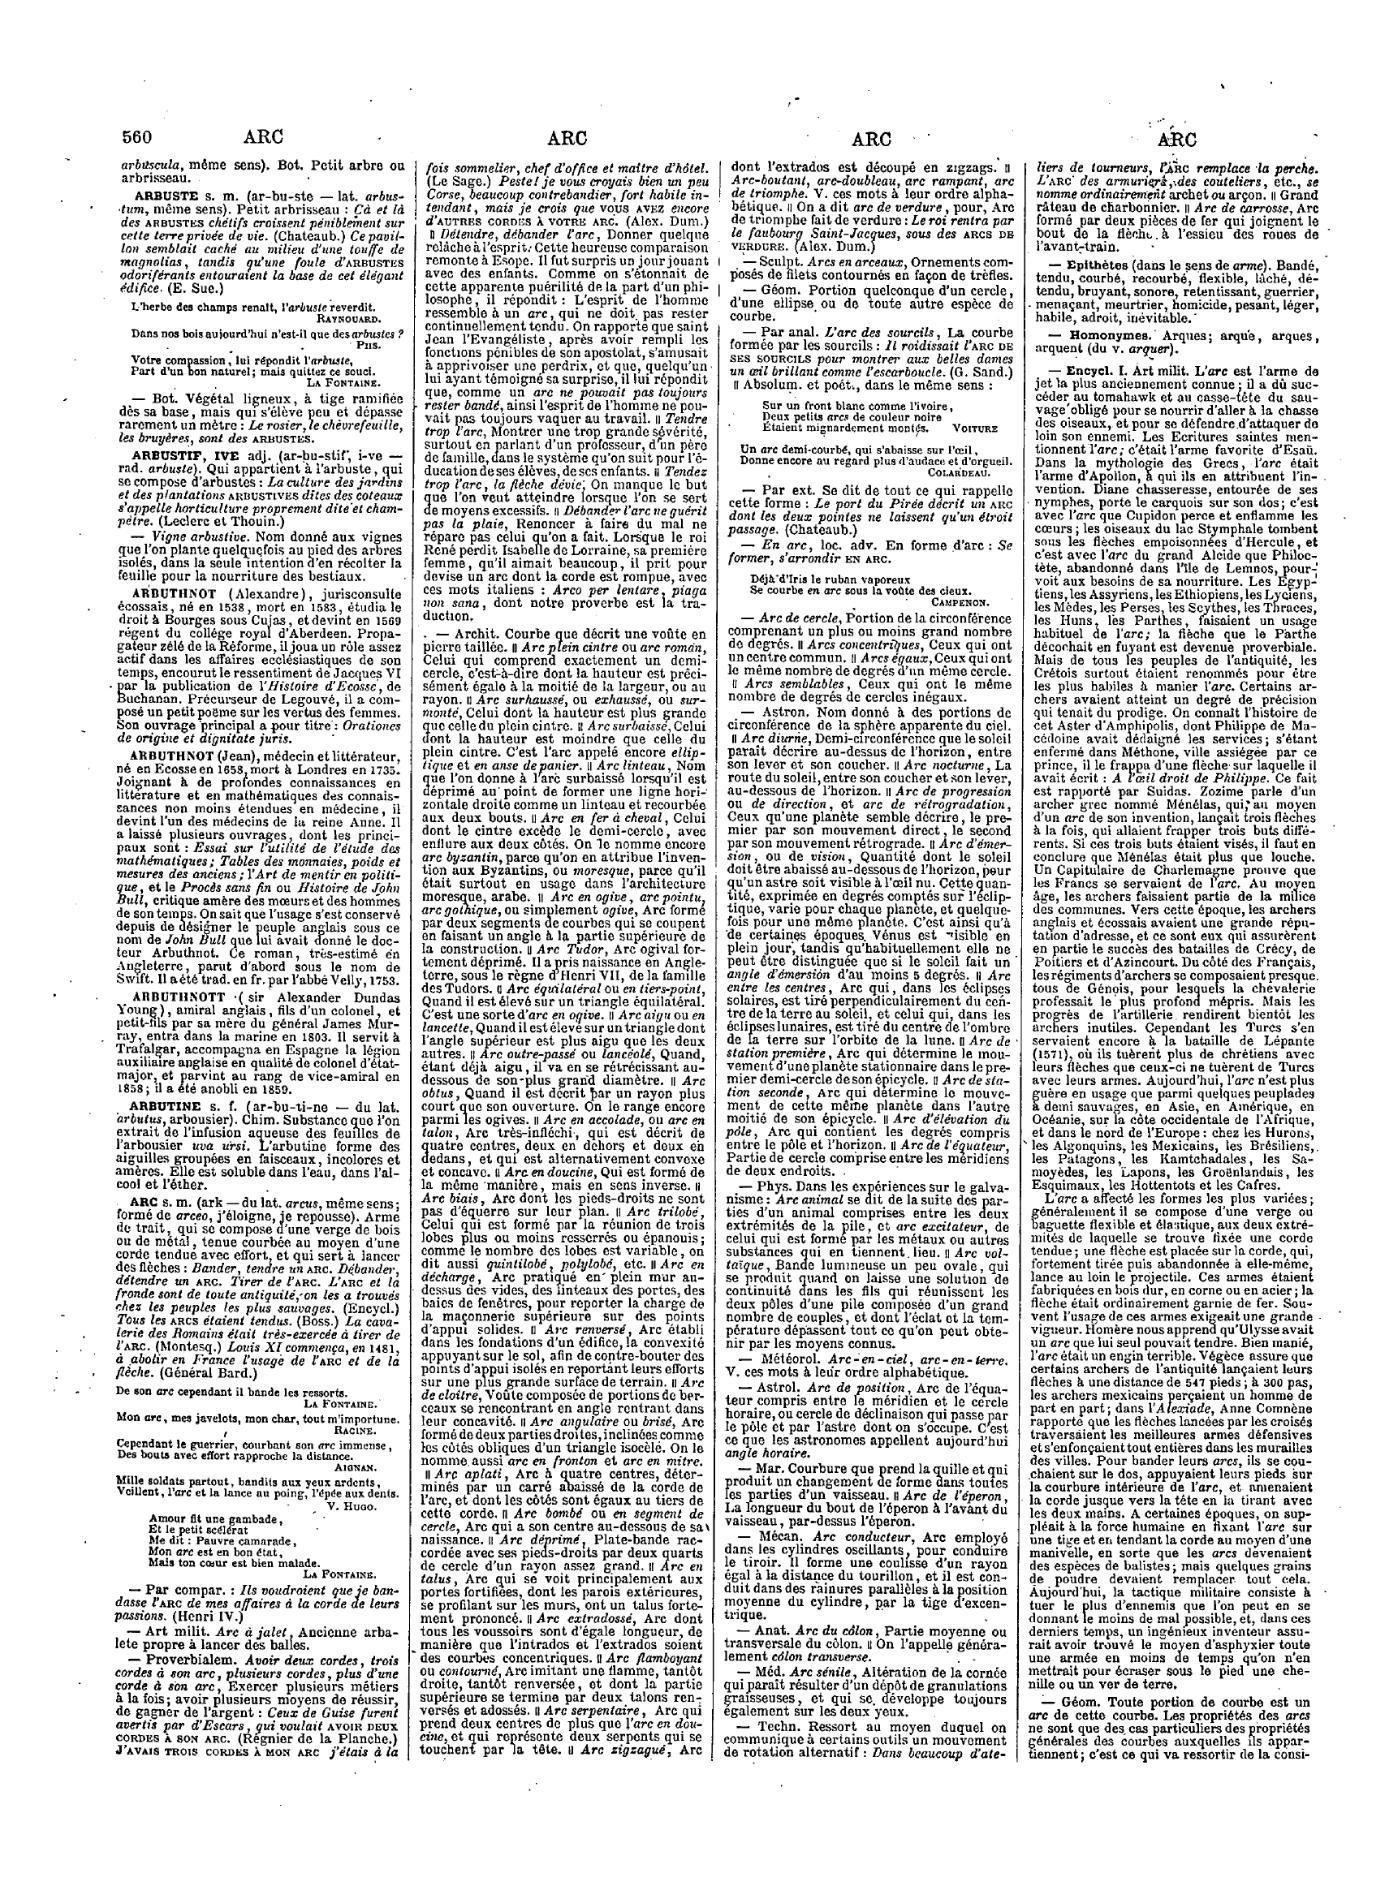 Linteau En Arc De Cercle page:larousse - grand dictionnaire universel du xixe siècle